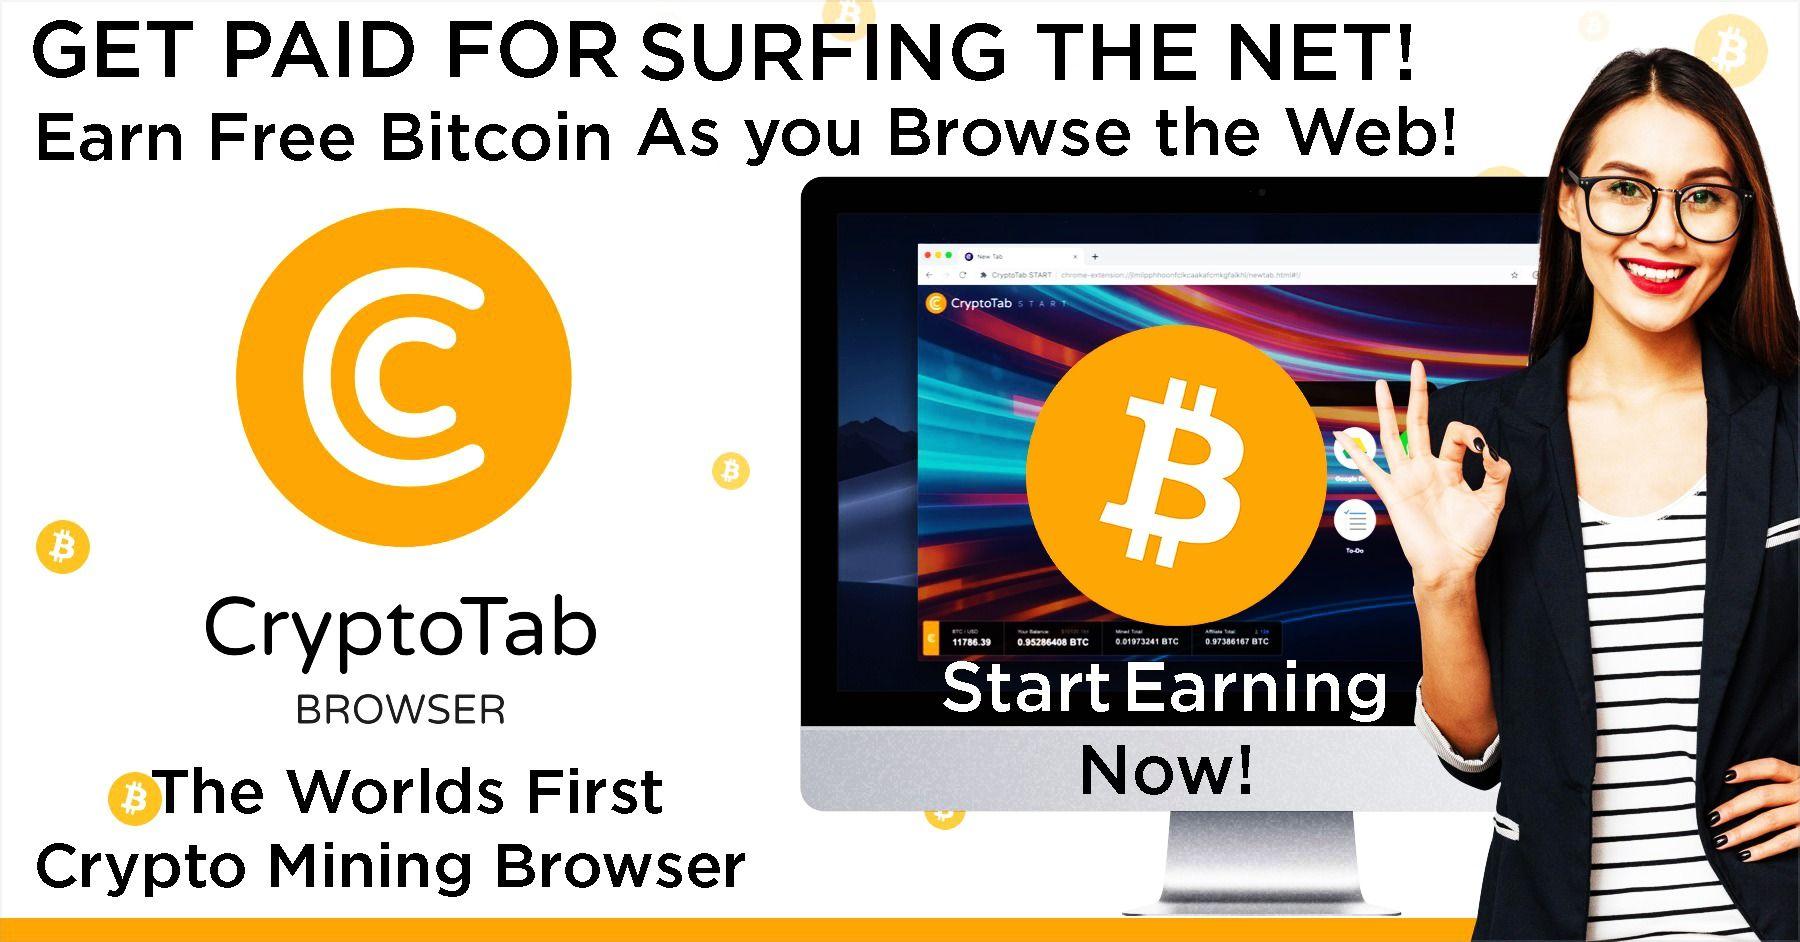 Kā nopirkt un pārdot bitcoin tajā pašā dienā, lai gūtu peļņu